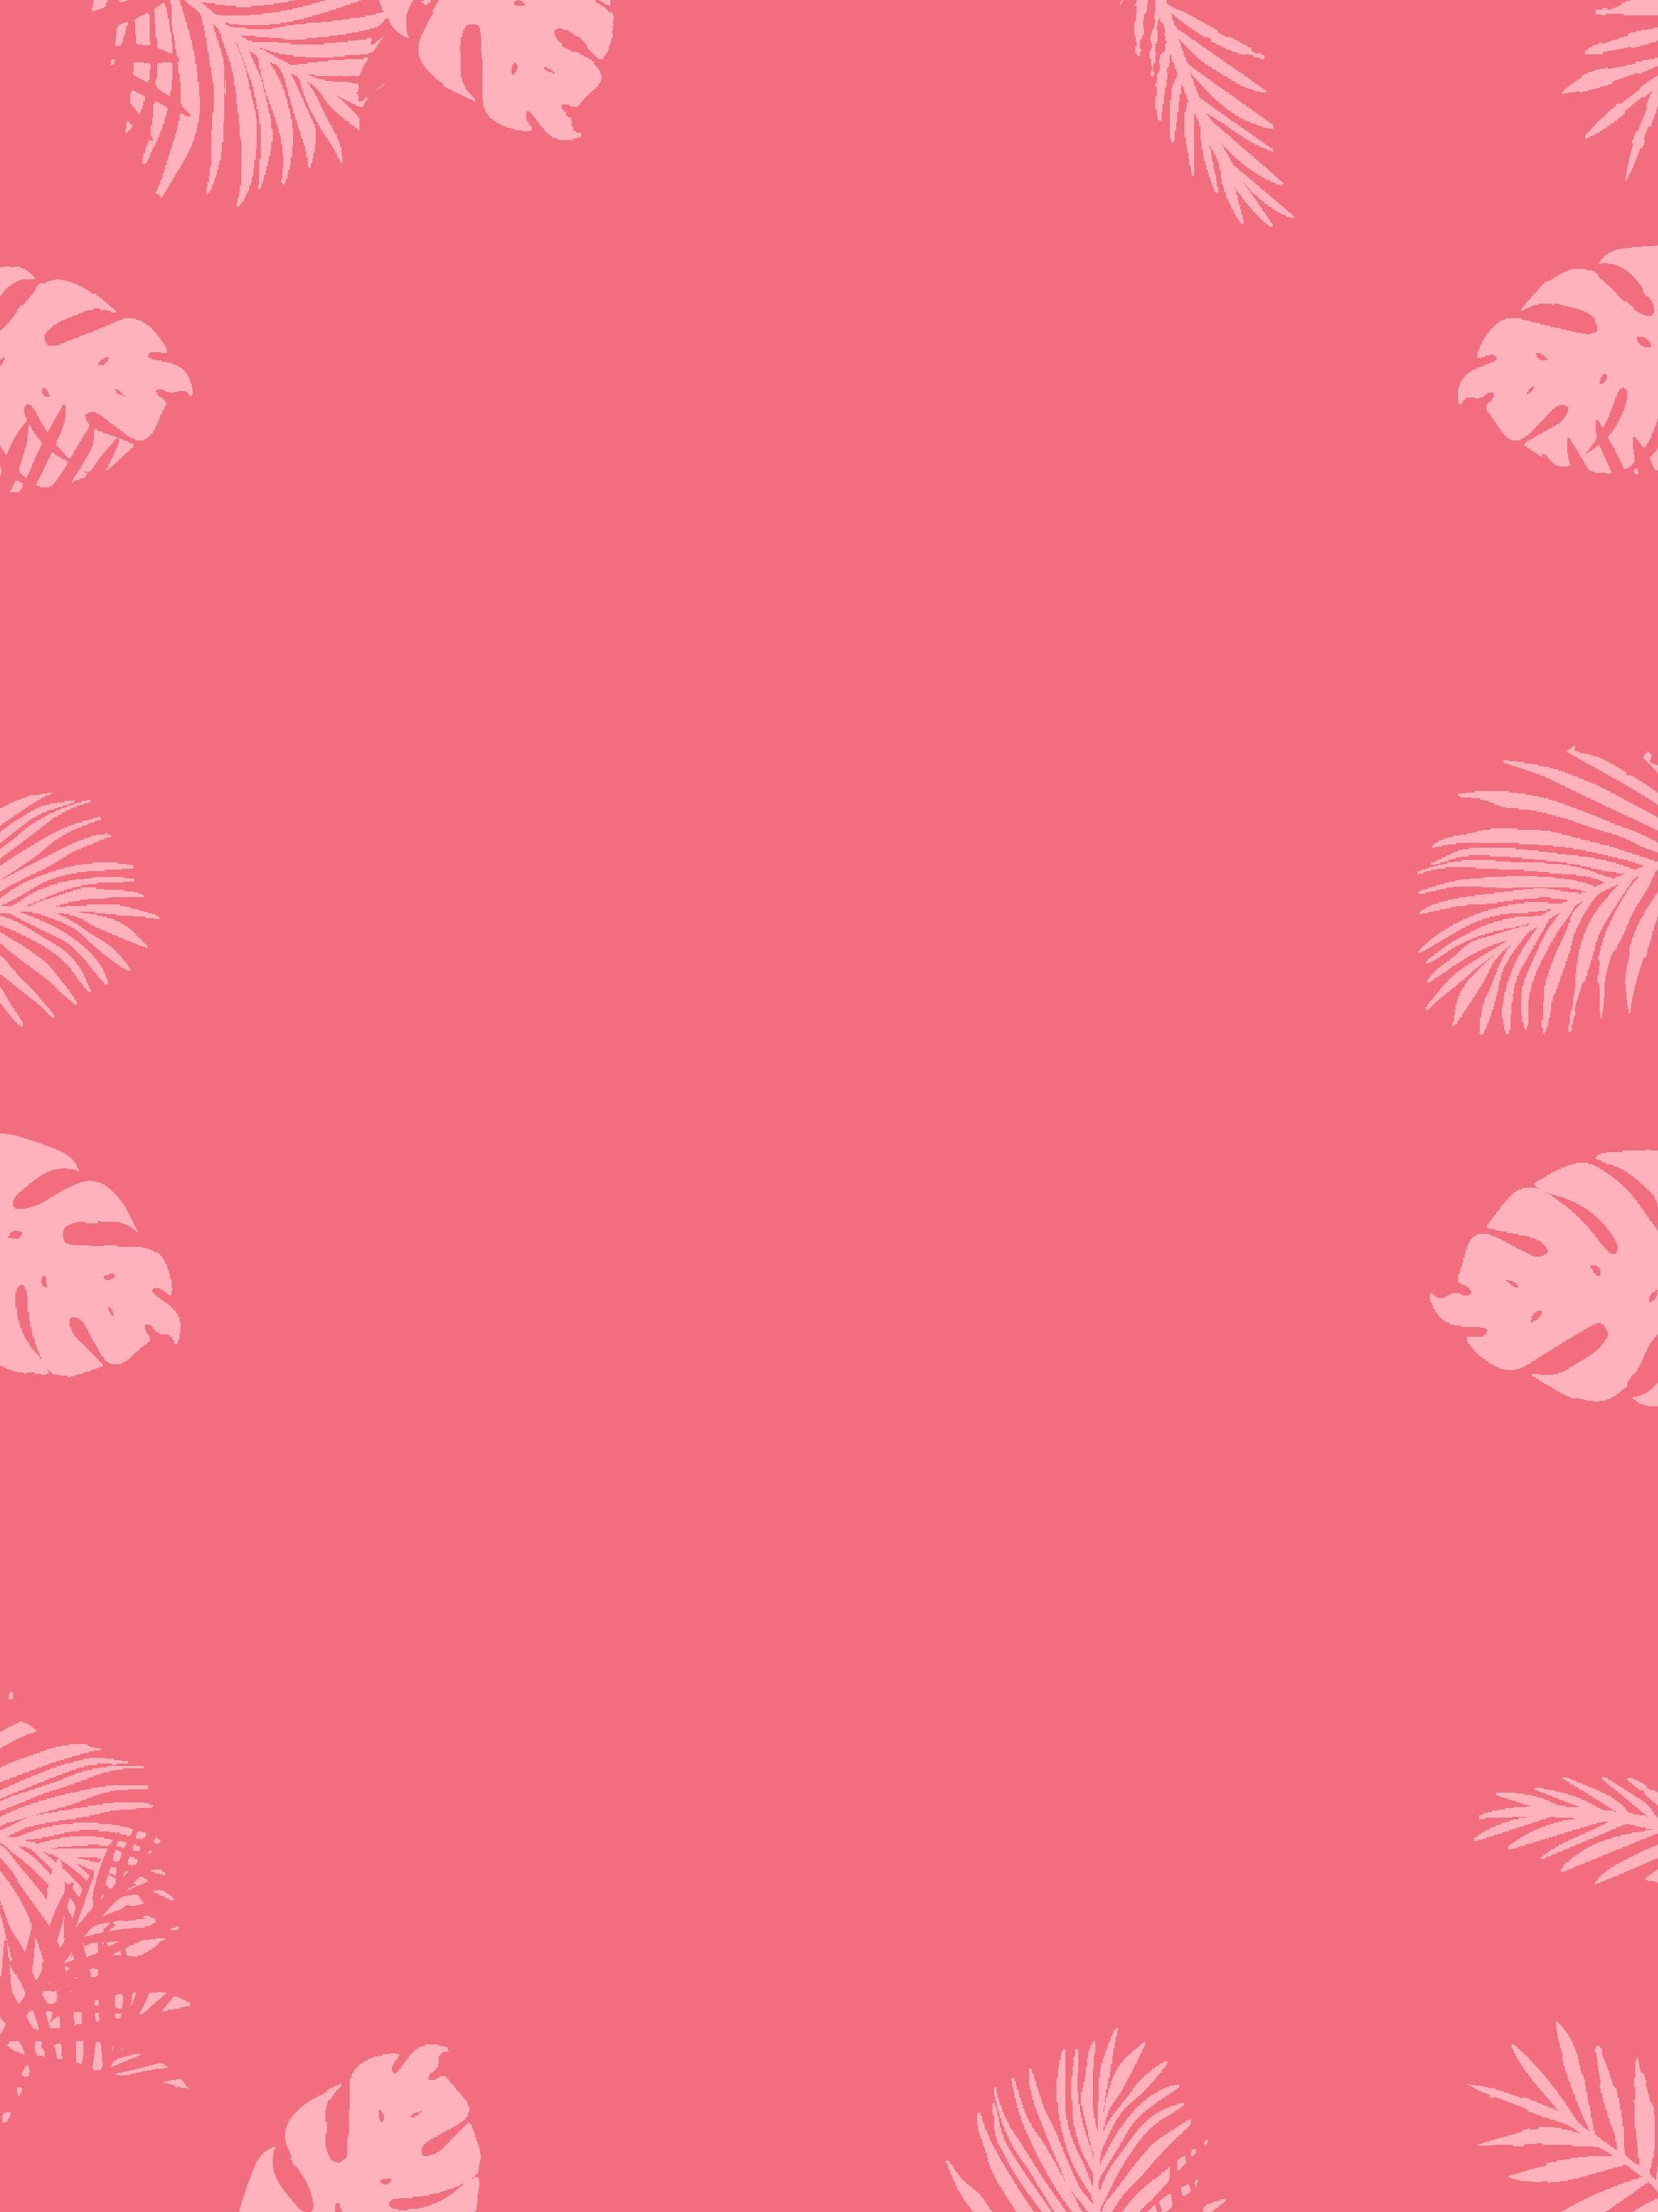 Ipad Vertical_2048x2732_Jungle_Pink.png